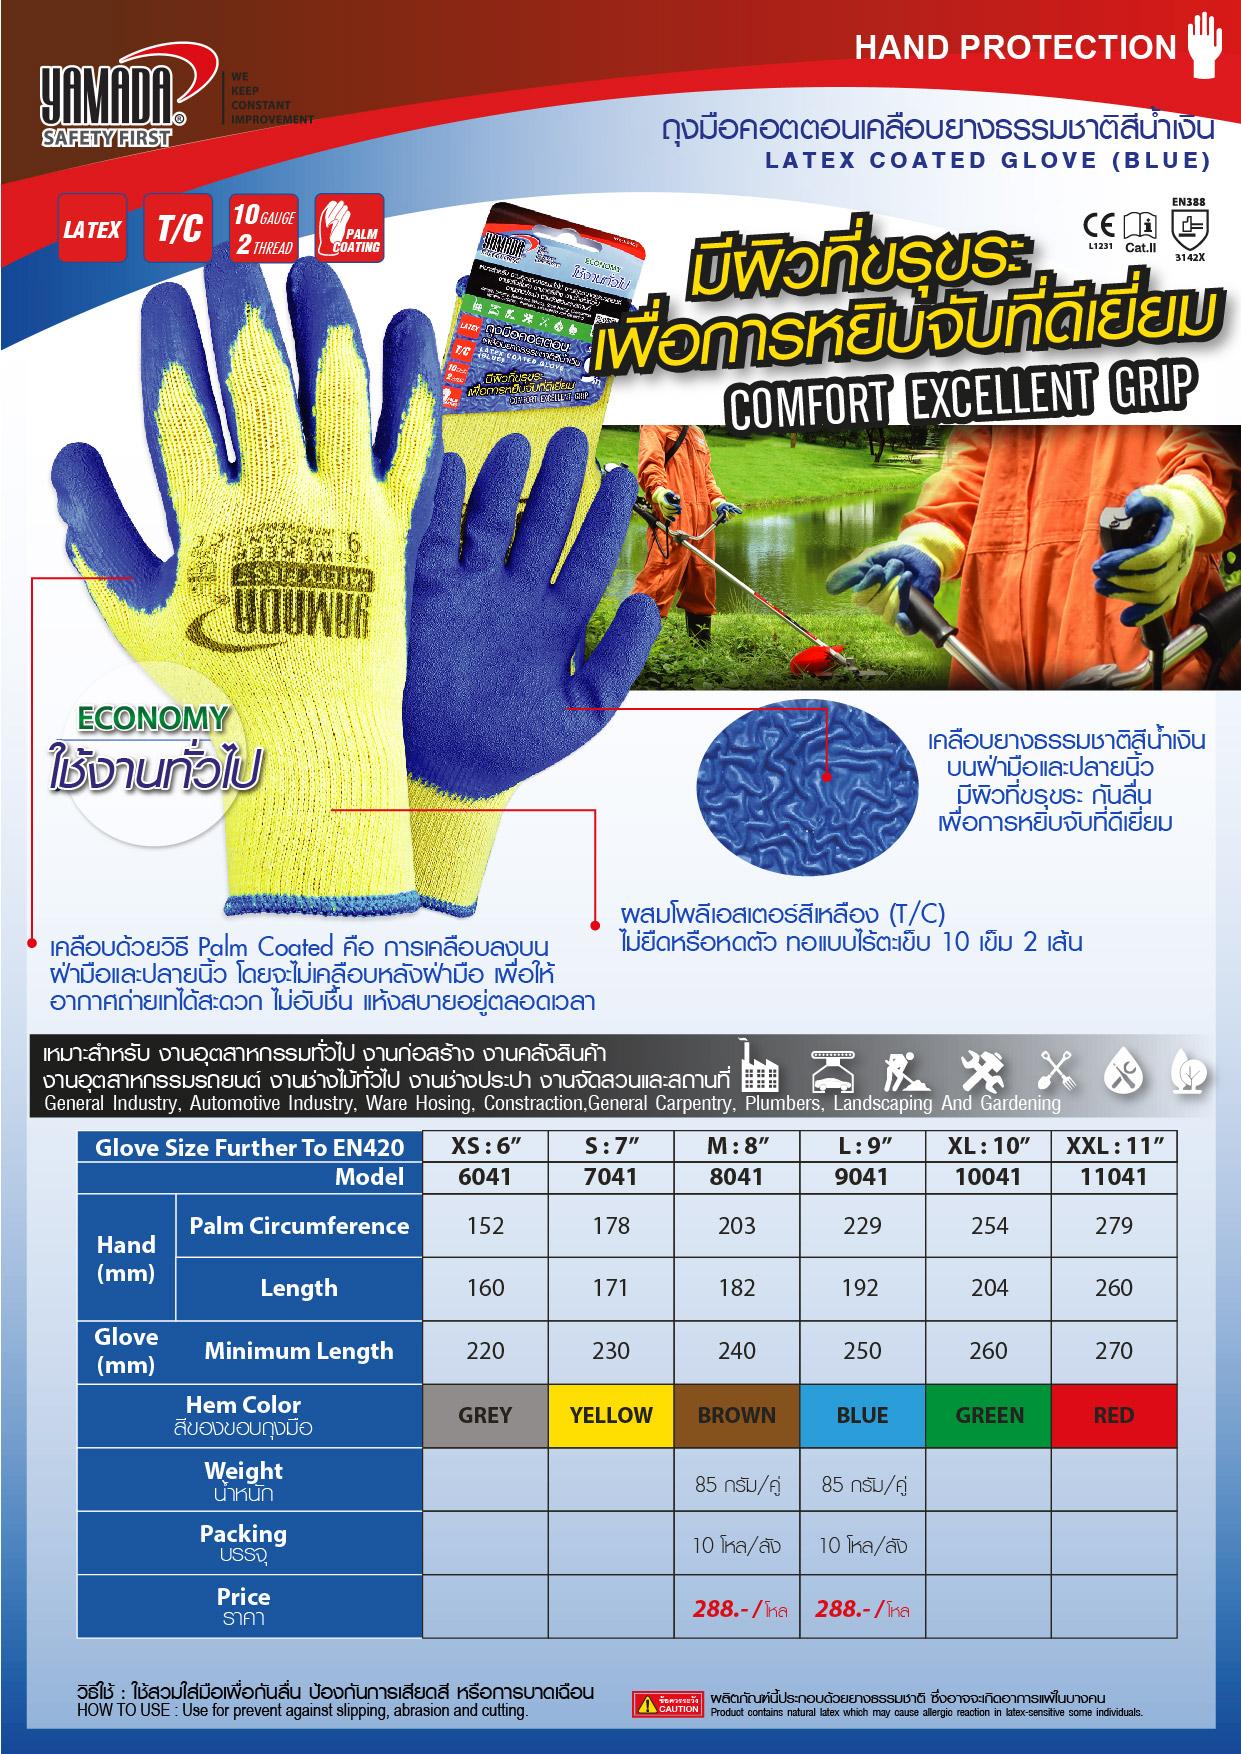 (128/268) ถุงมือคอตตอนเคลือบยางธรรมชาติสีน้ำเงิน